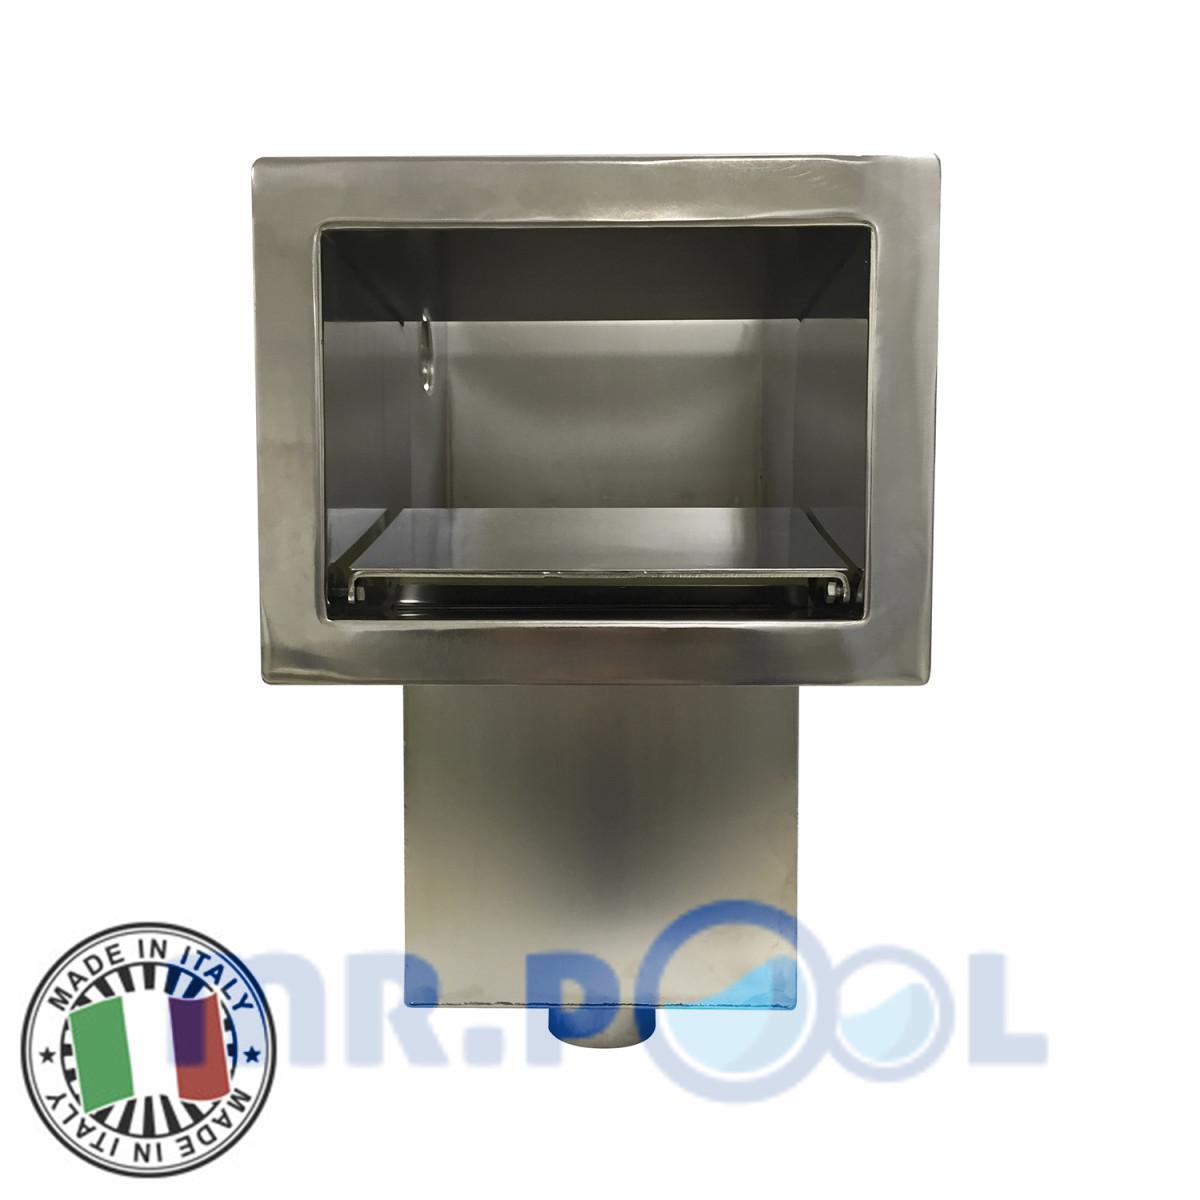 Скиммер под бетон Marpiscine 19101 стандарт (2″) нерж.сталь